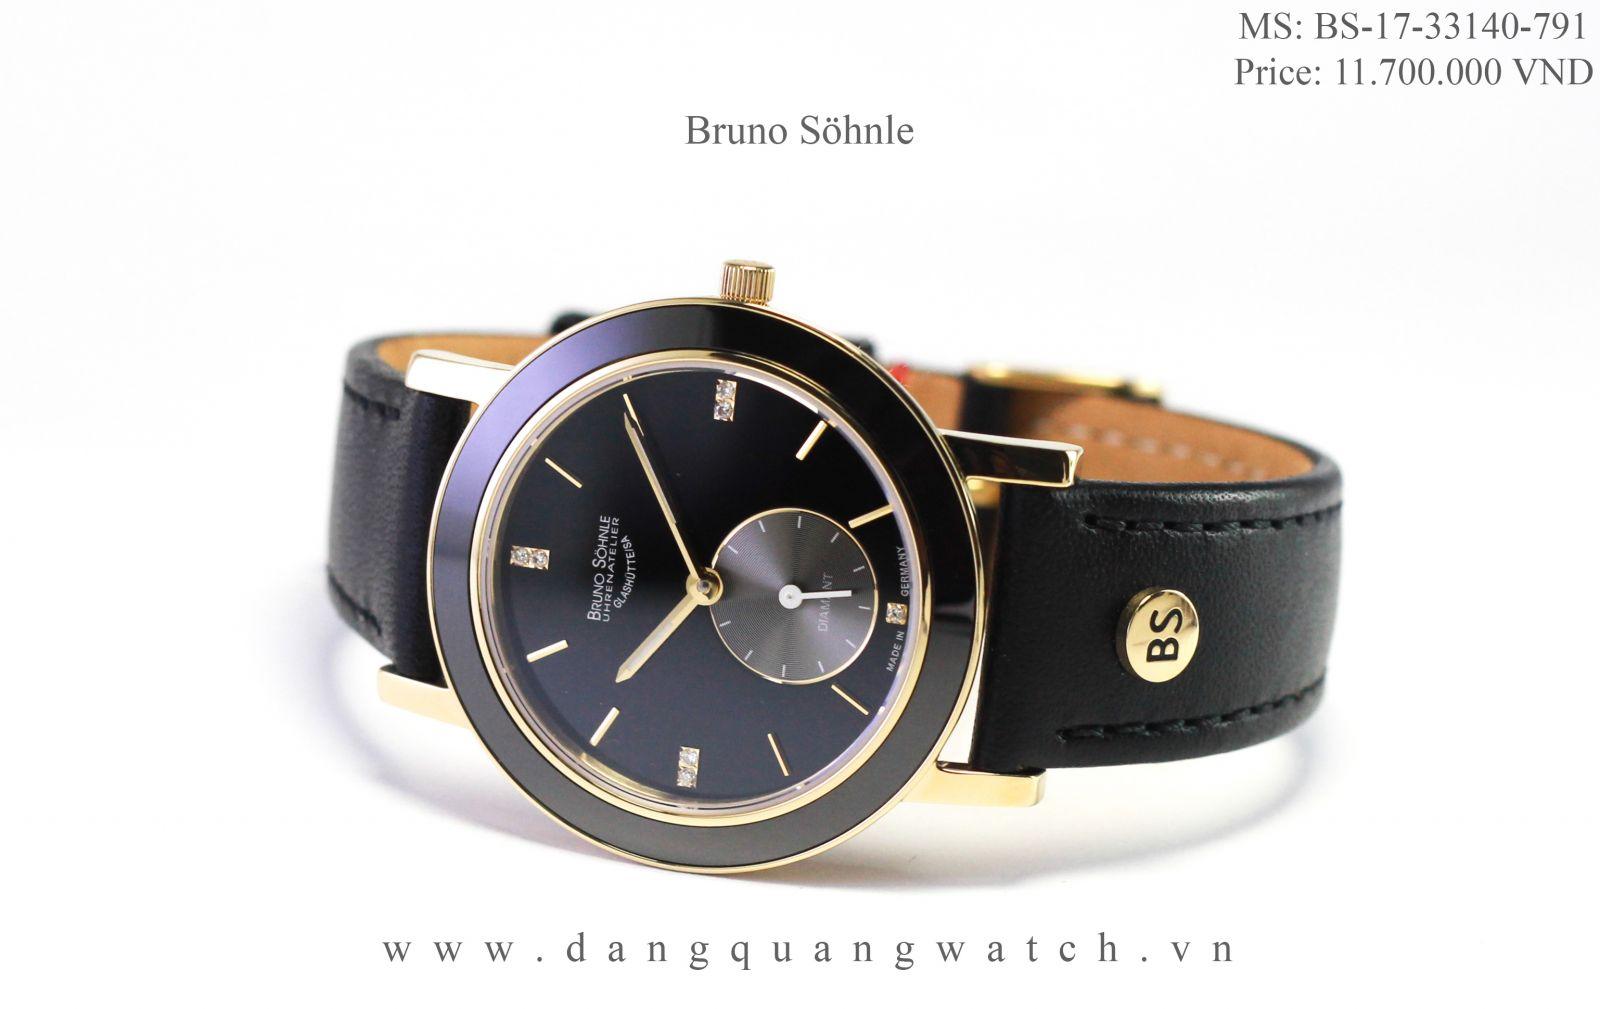 dong ho bruno sohnle-17-33140-791